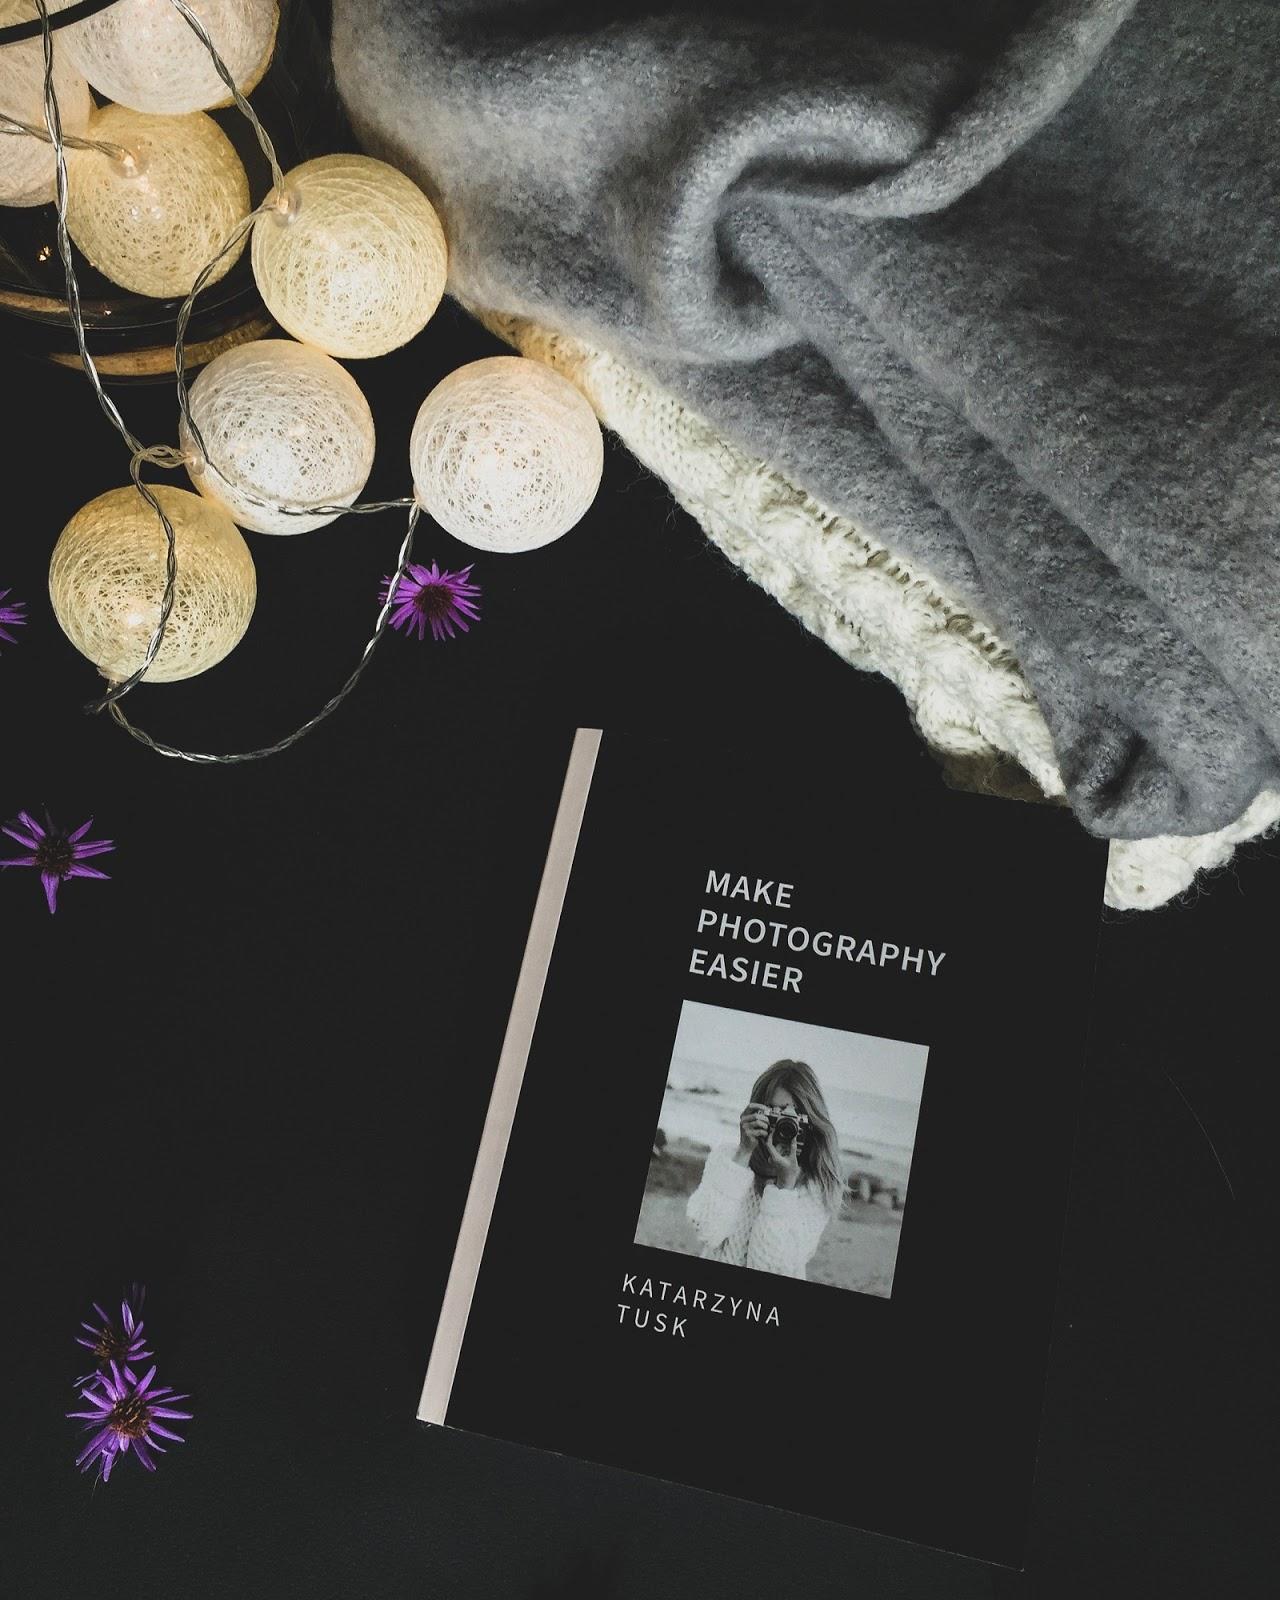 Make Photography Easier - nowa książka Katarzyny Tusk, moja opinia